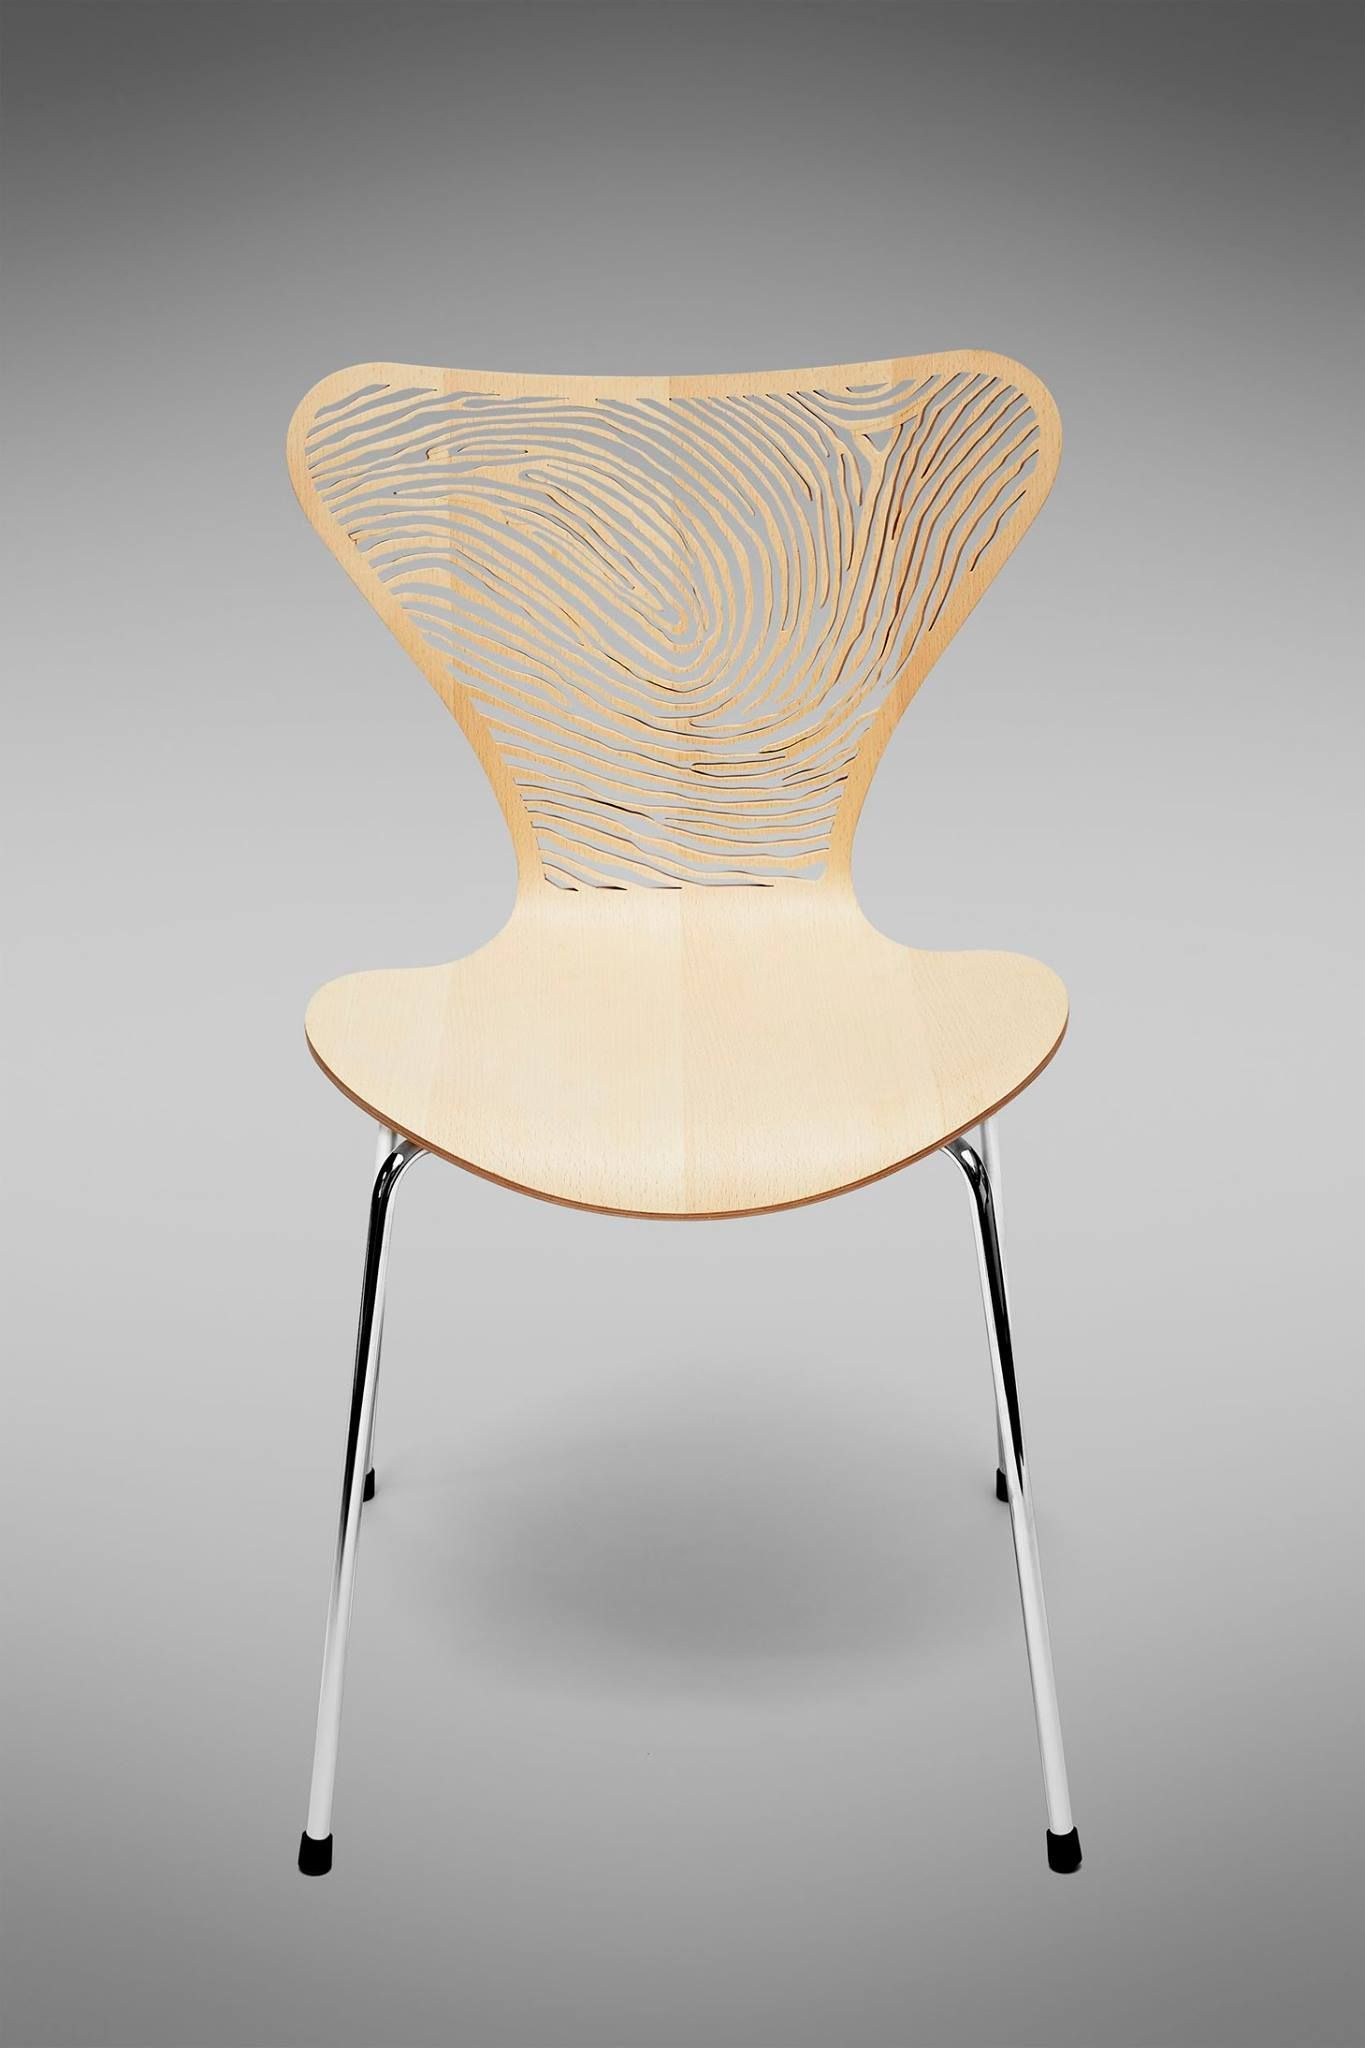 Pin on David Trubridge Furniture